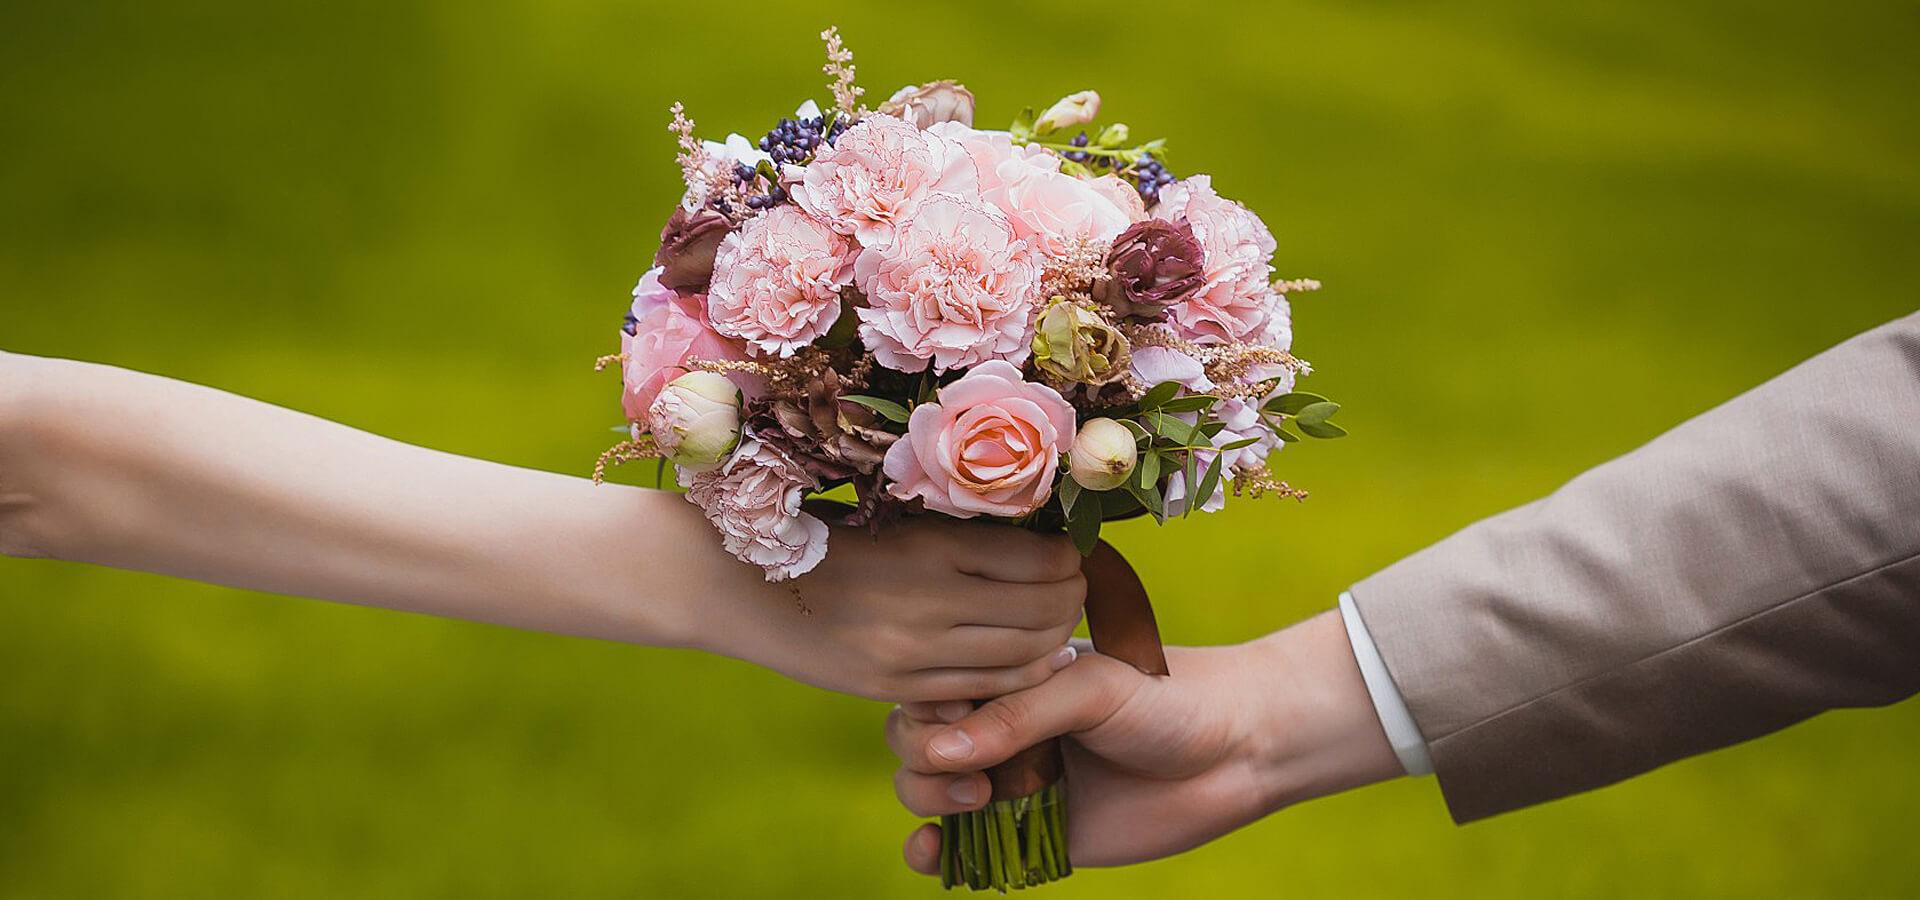 Правильно ли контролировать своих свадебных подрядчиков